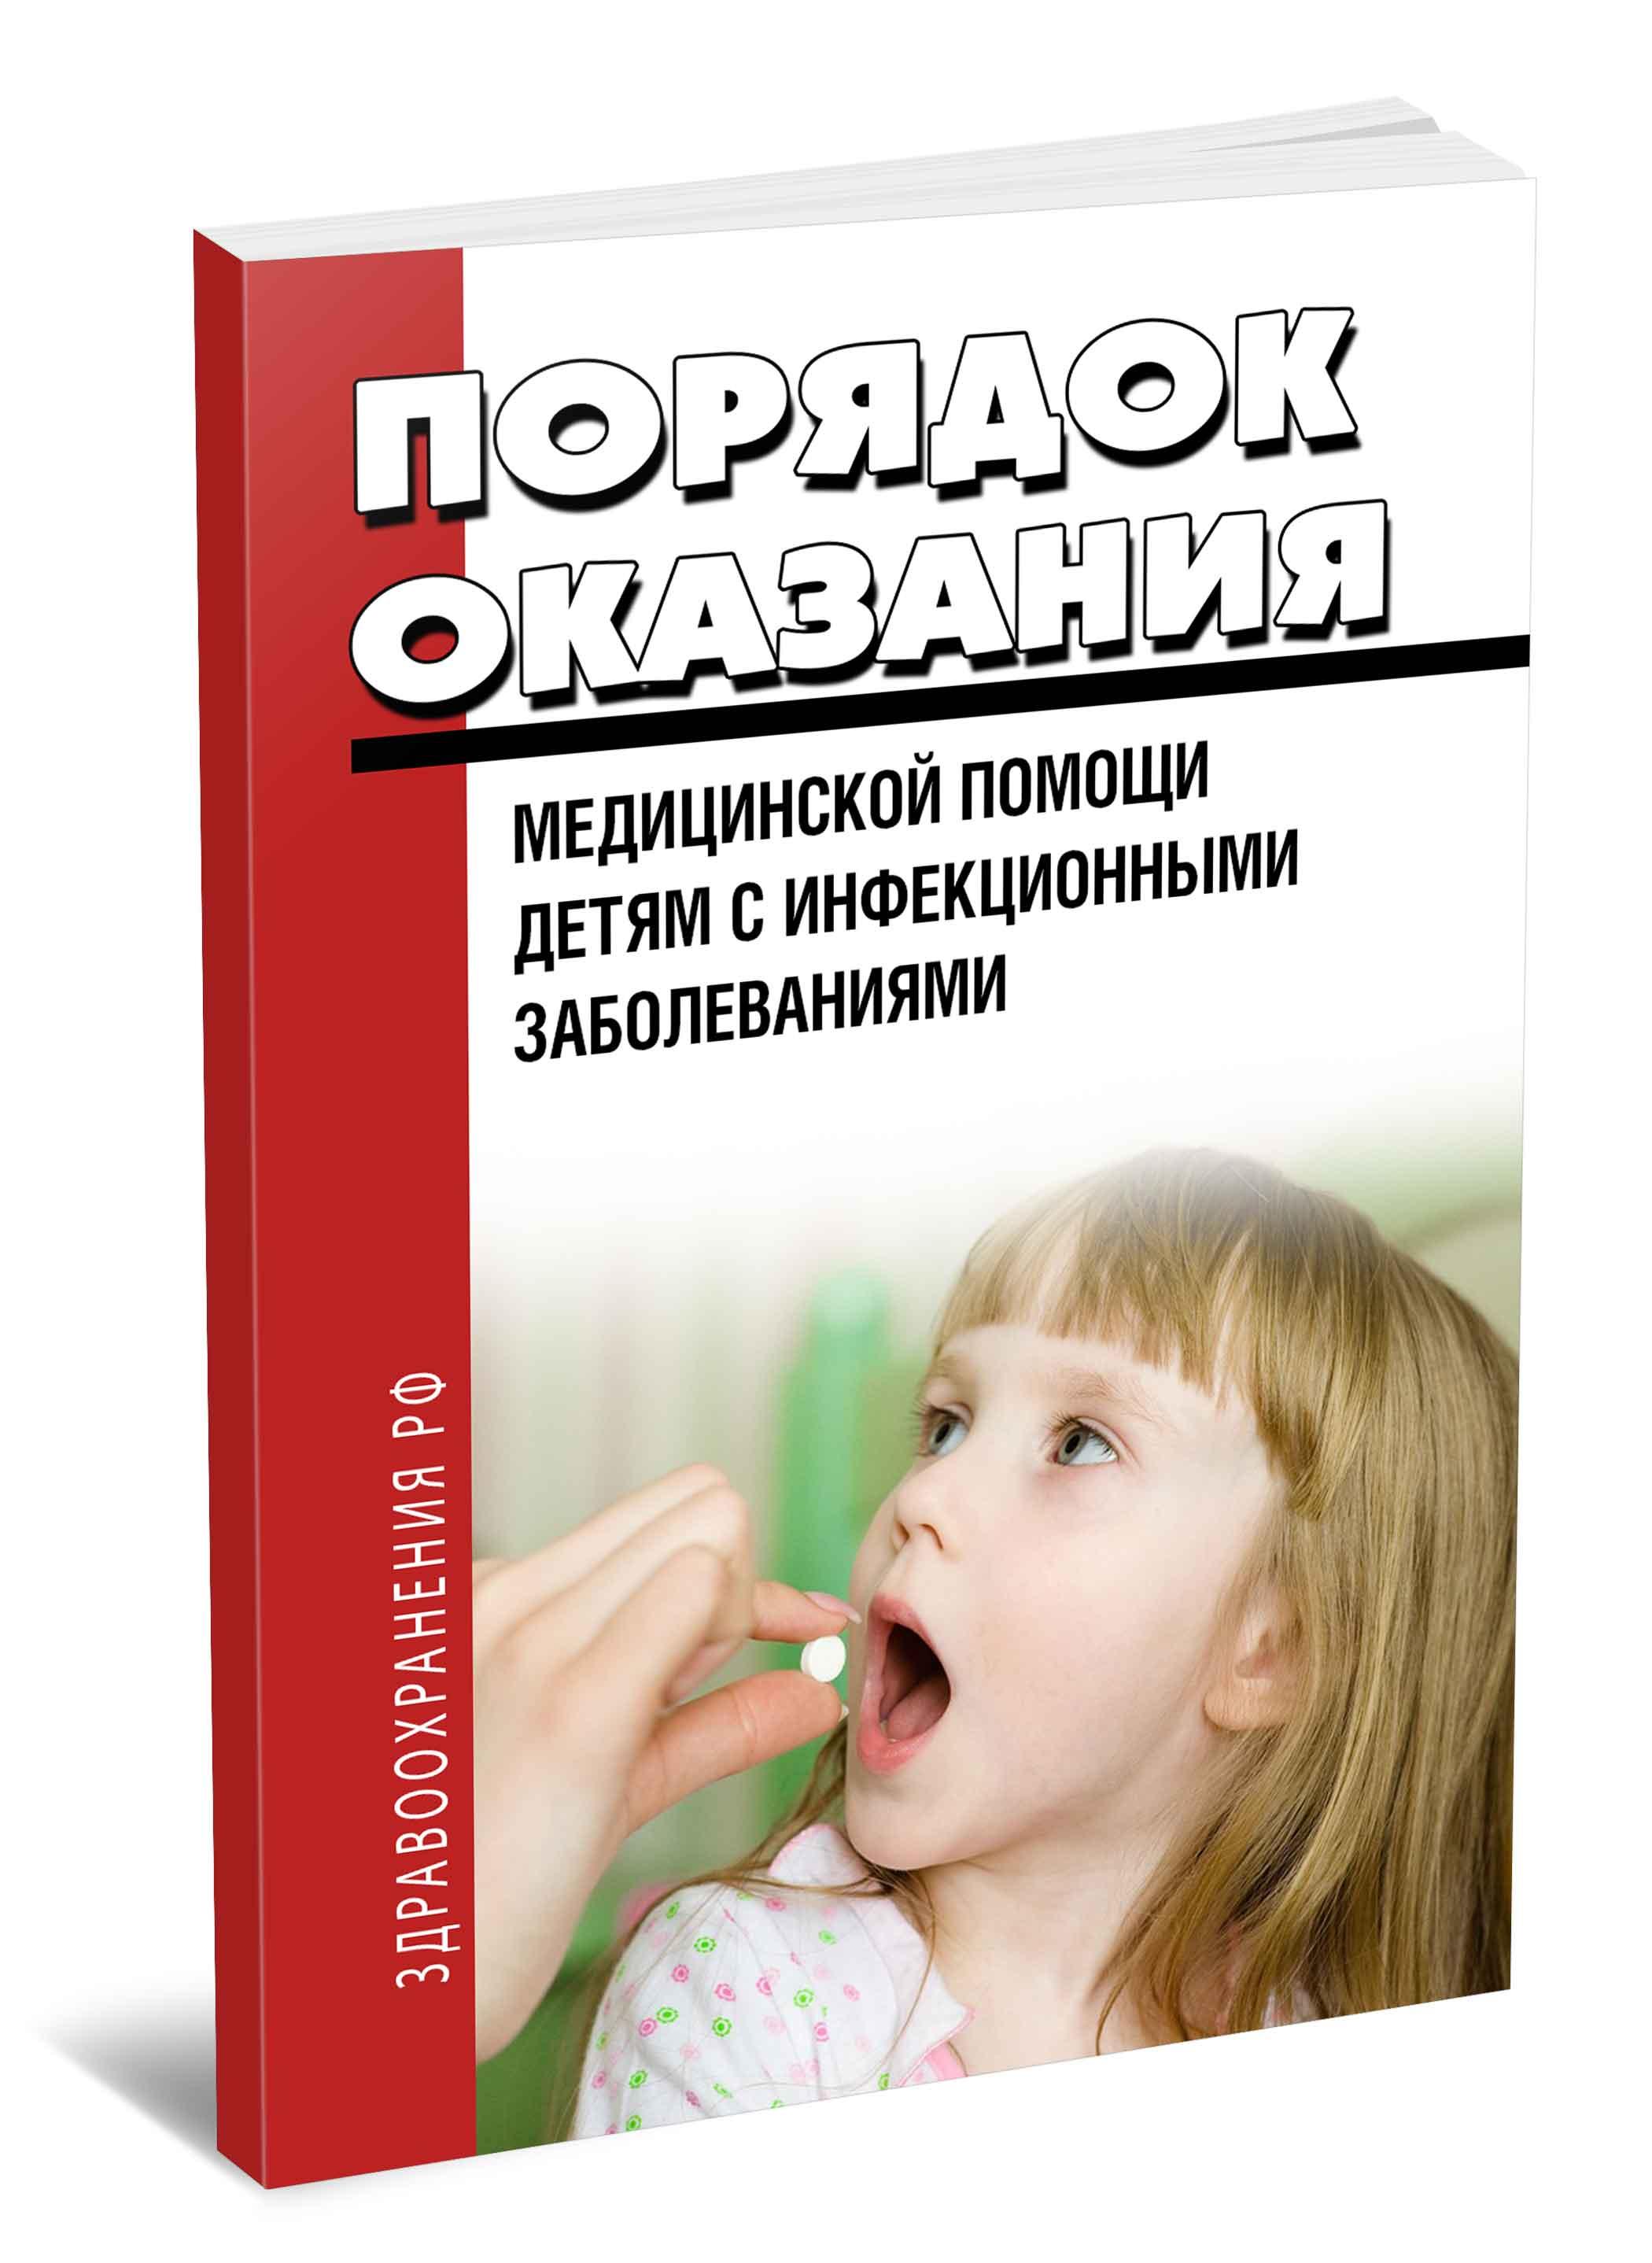 Порядок оказания медицинской помощи детям с инфекционными заболеваниями